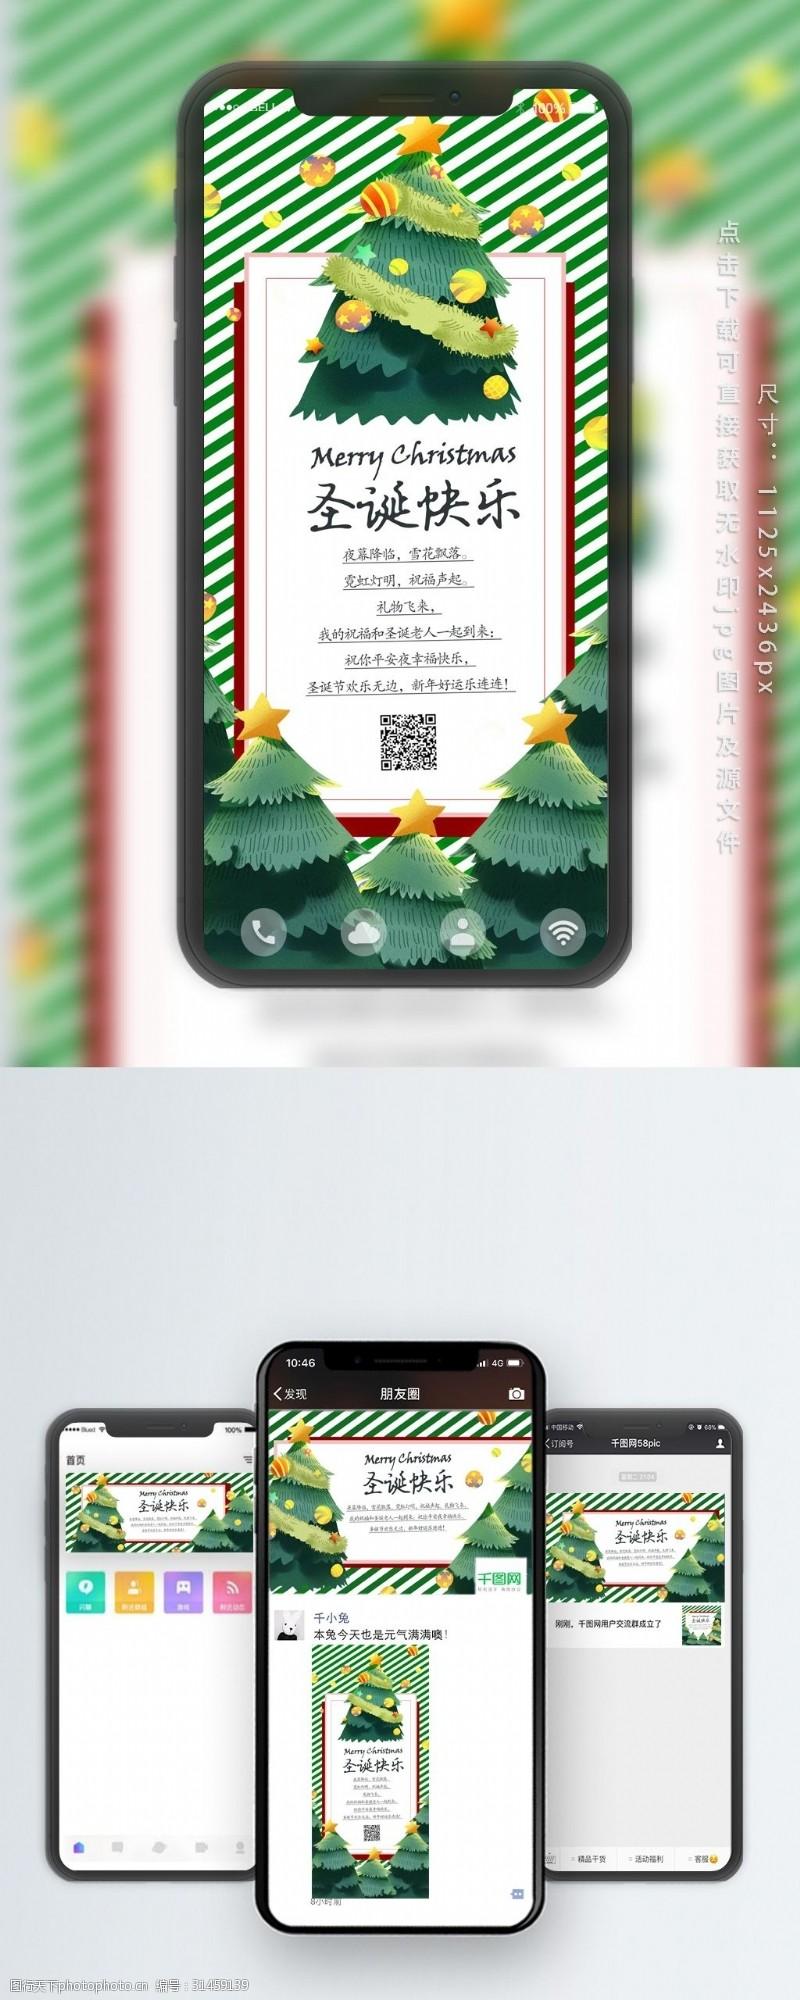 圣诞节贺卡风圣诞树手机微信配图